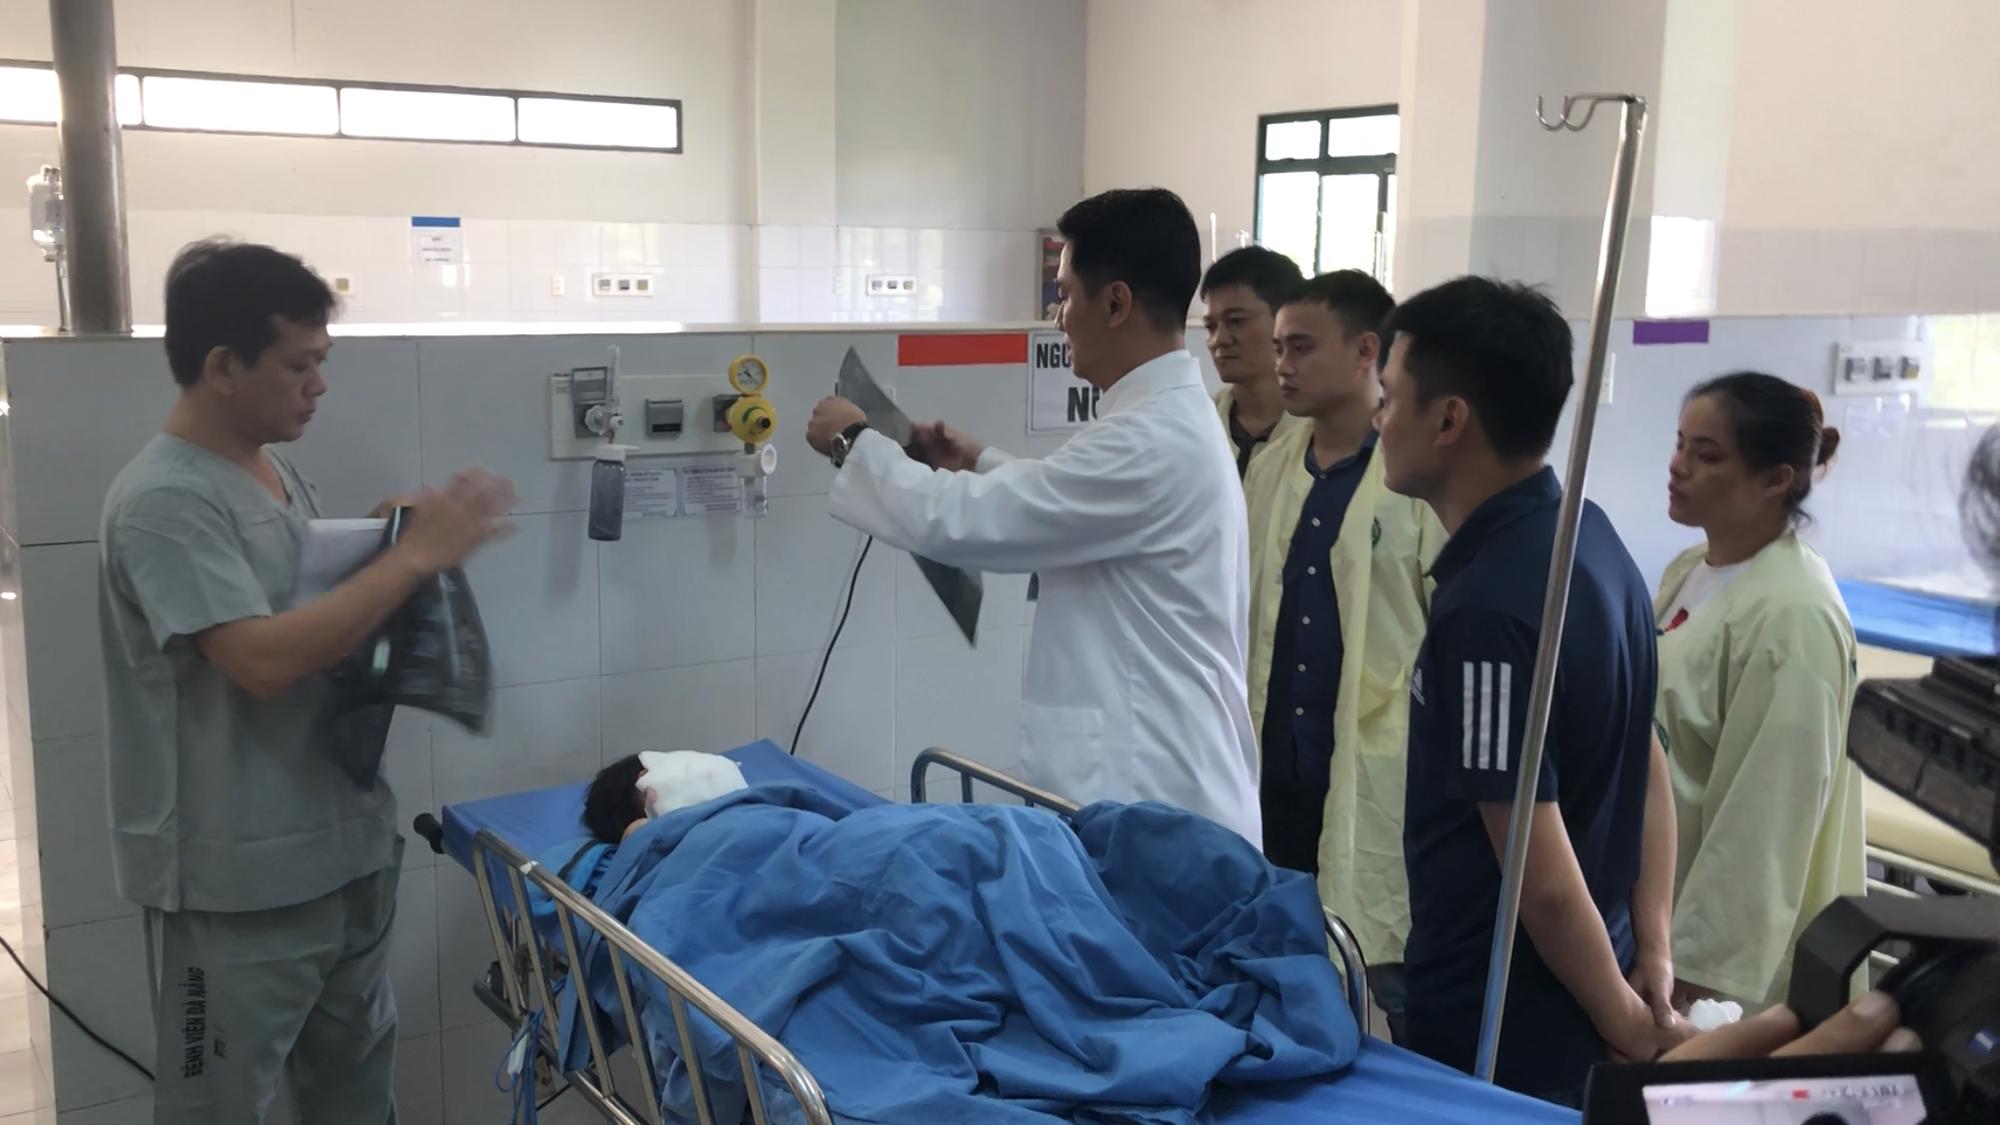 Vụ tai nạn thảm khốc tại Quảng Nam: Giả mạo người nhà nạn nhân để nhận tiền ủng hộ - Hình 1